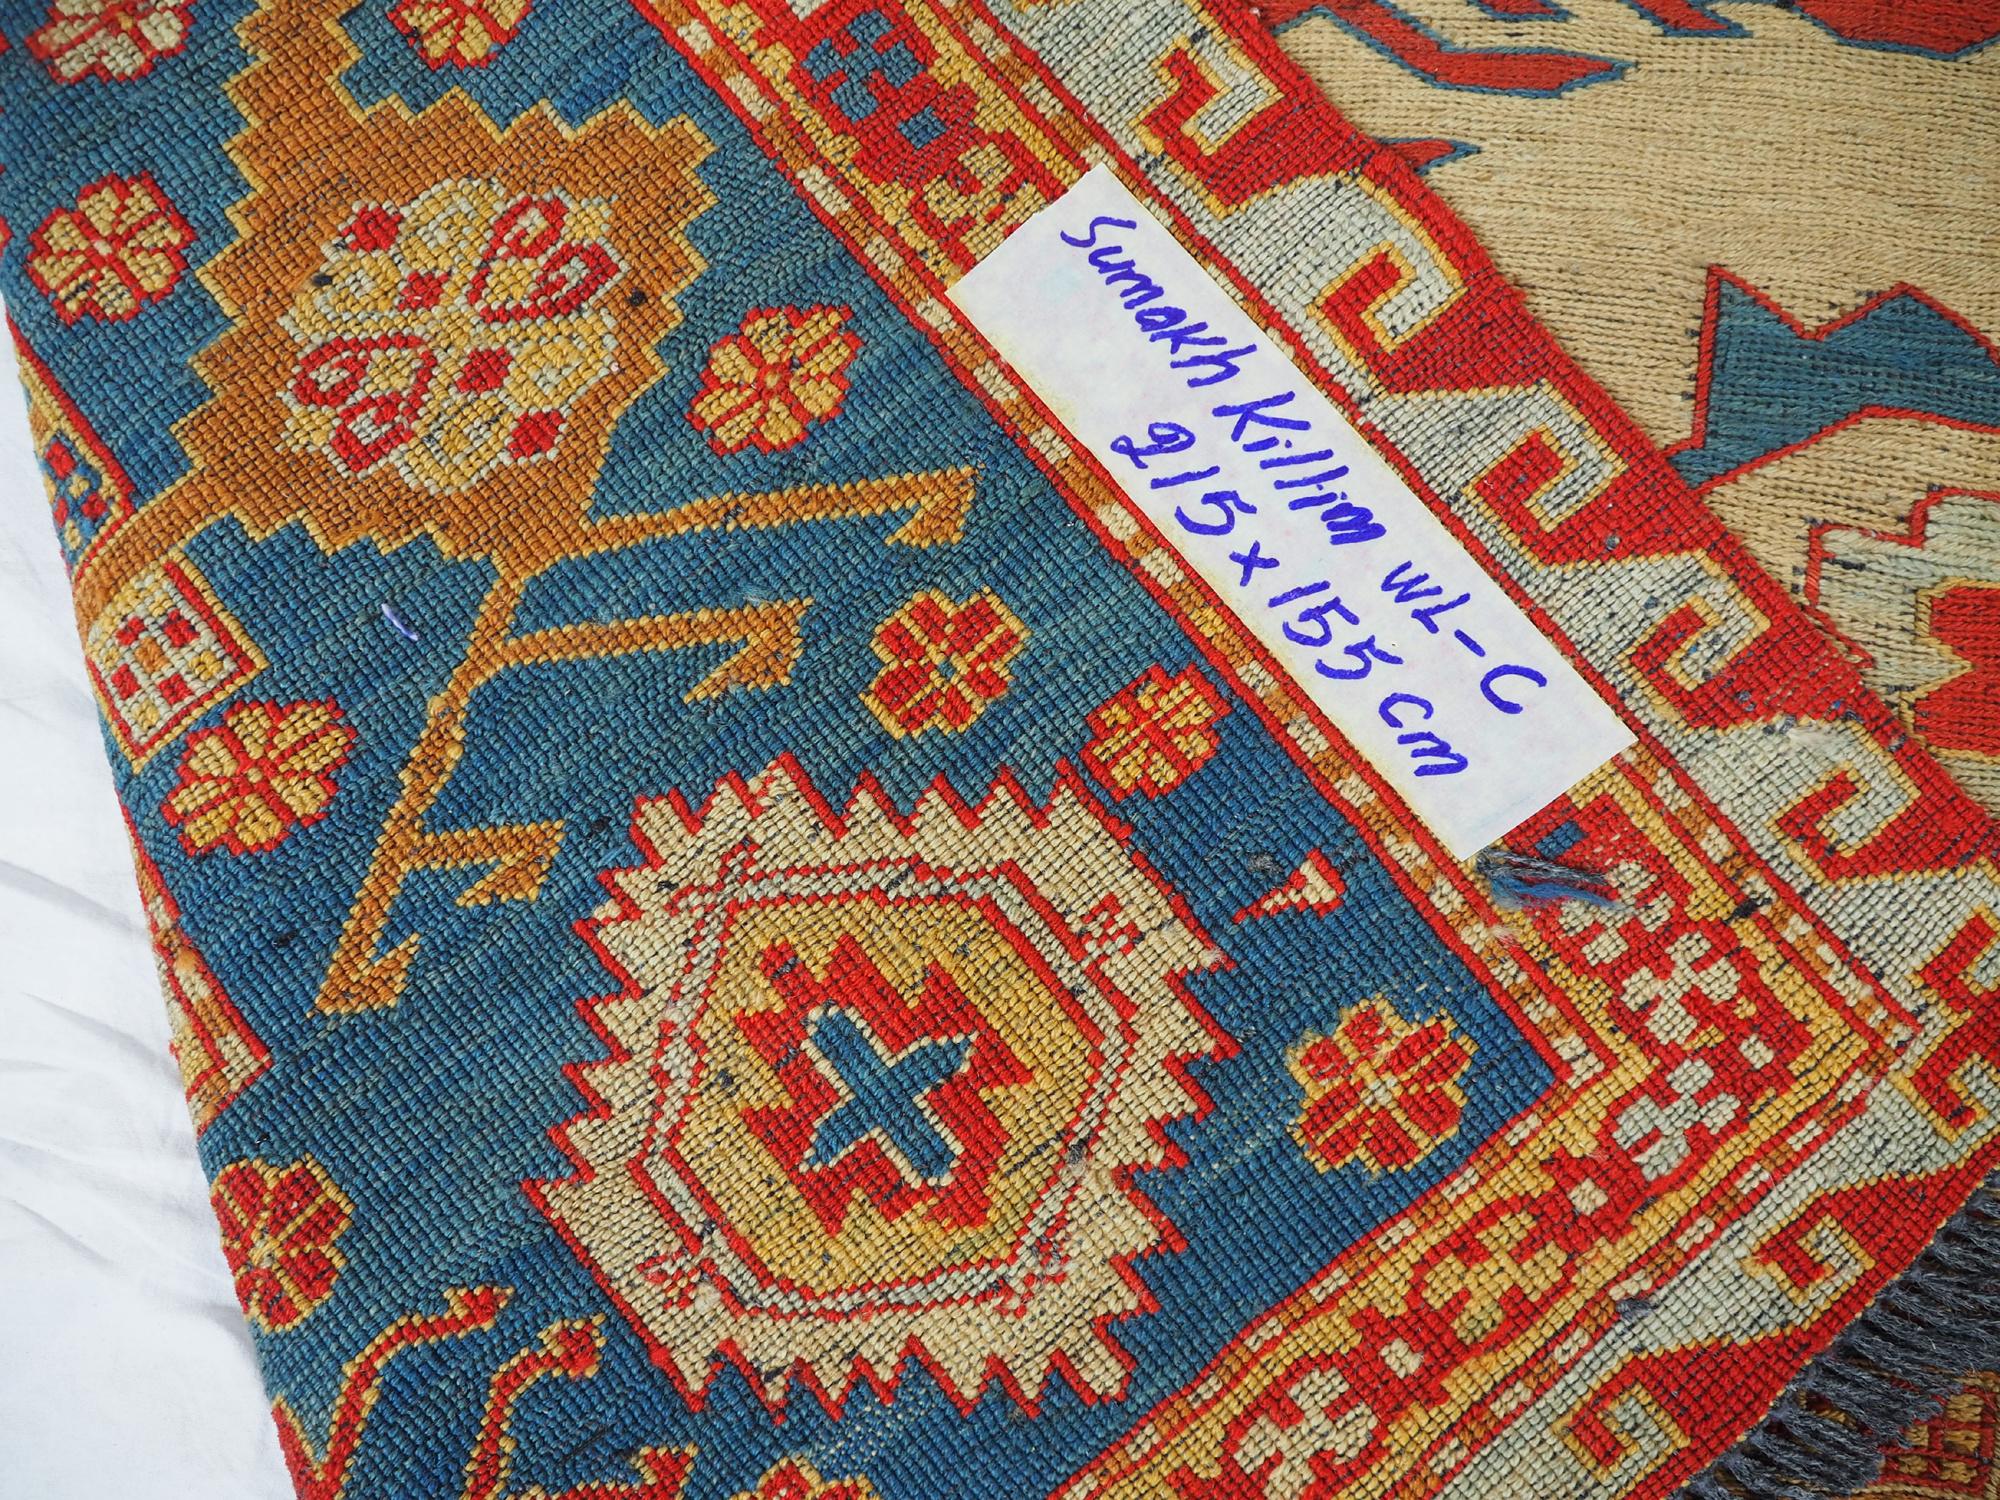 215x155 cm Caucasian Soumak Kilim Rug WL/C